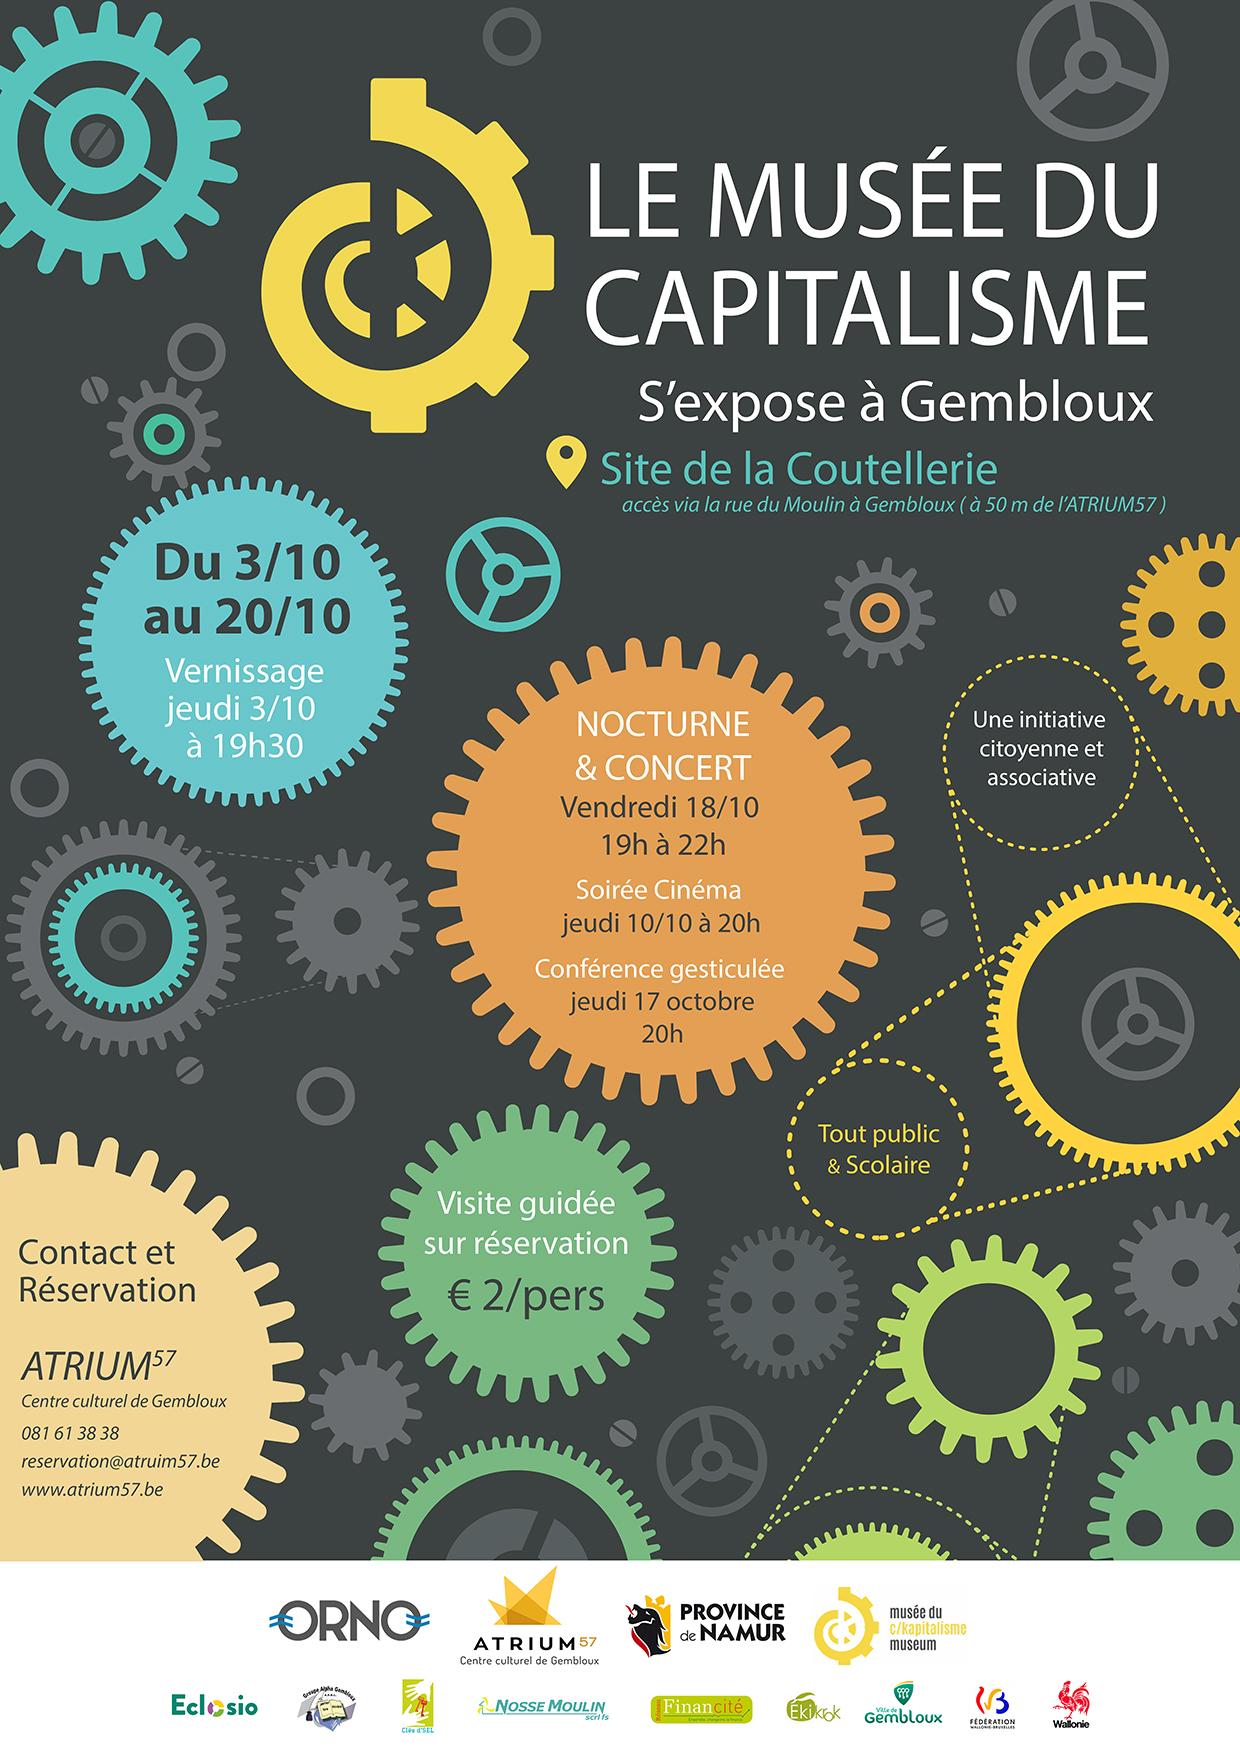 Le Musée du Capitalisme s'installe à Gembloux du 3 au 20 octobre 2019!